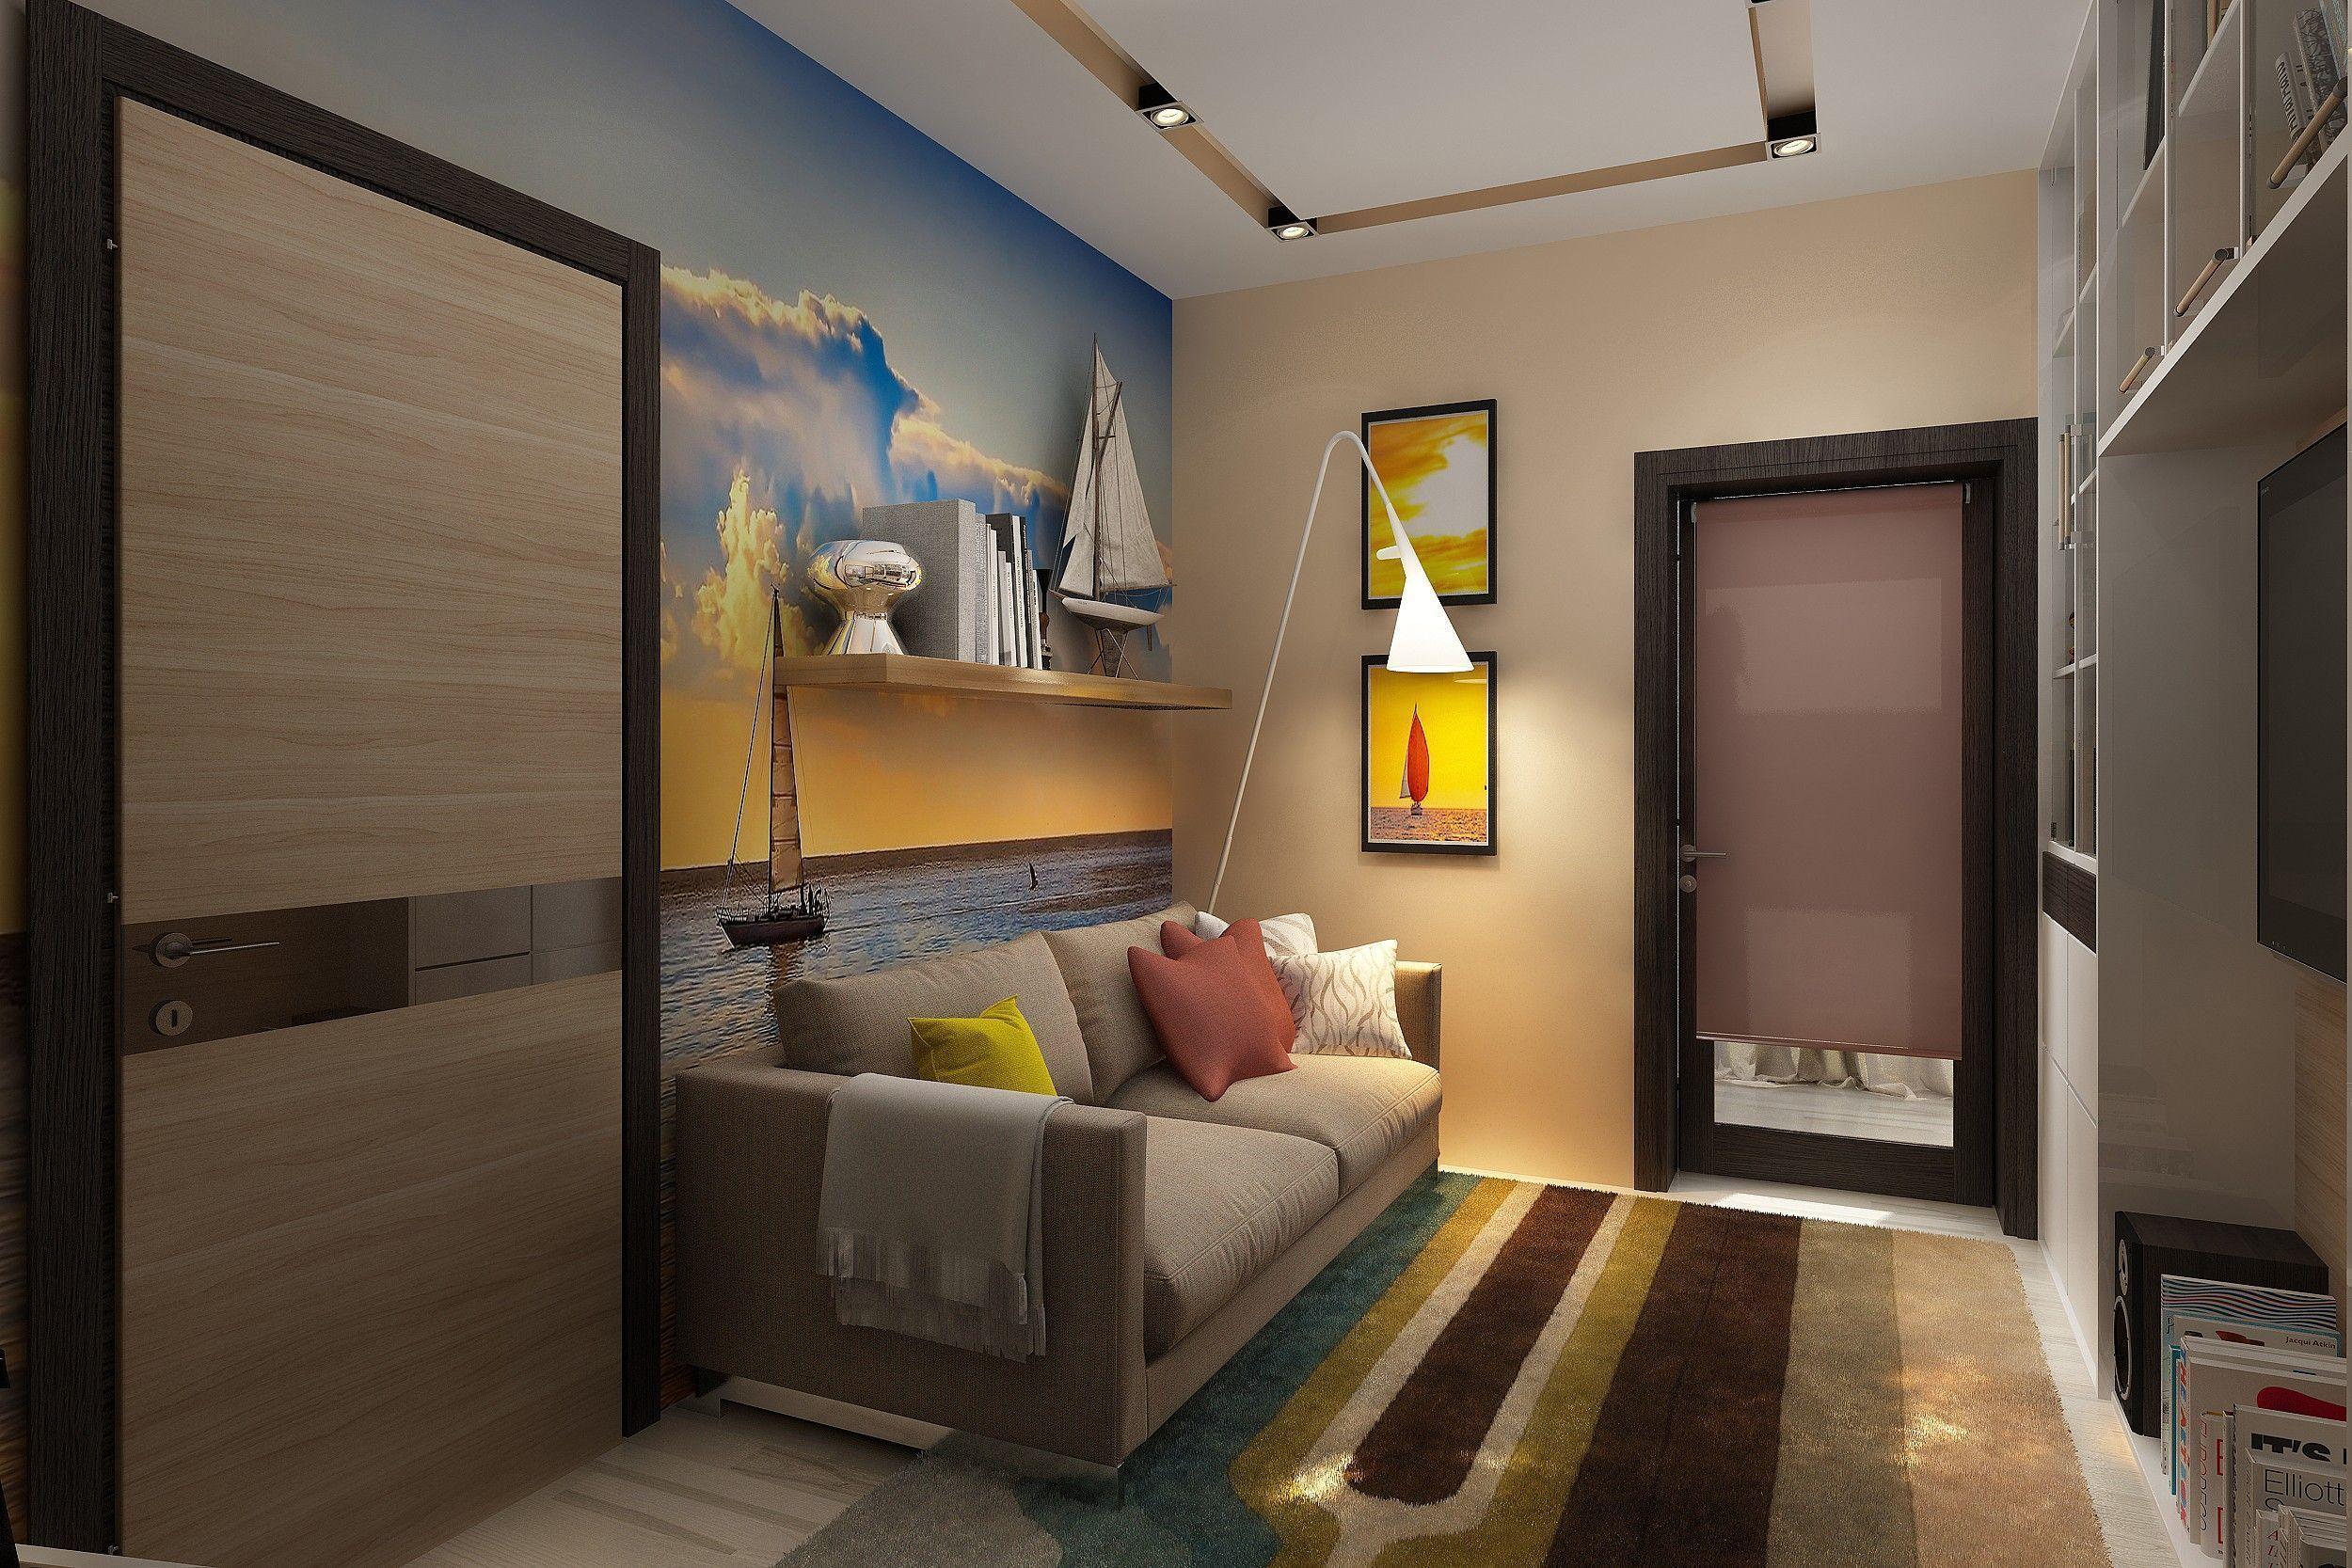 Кабинет: интерьер и дизайн